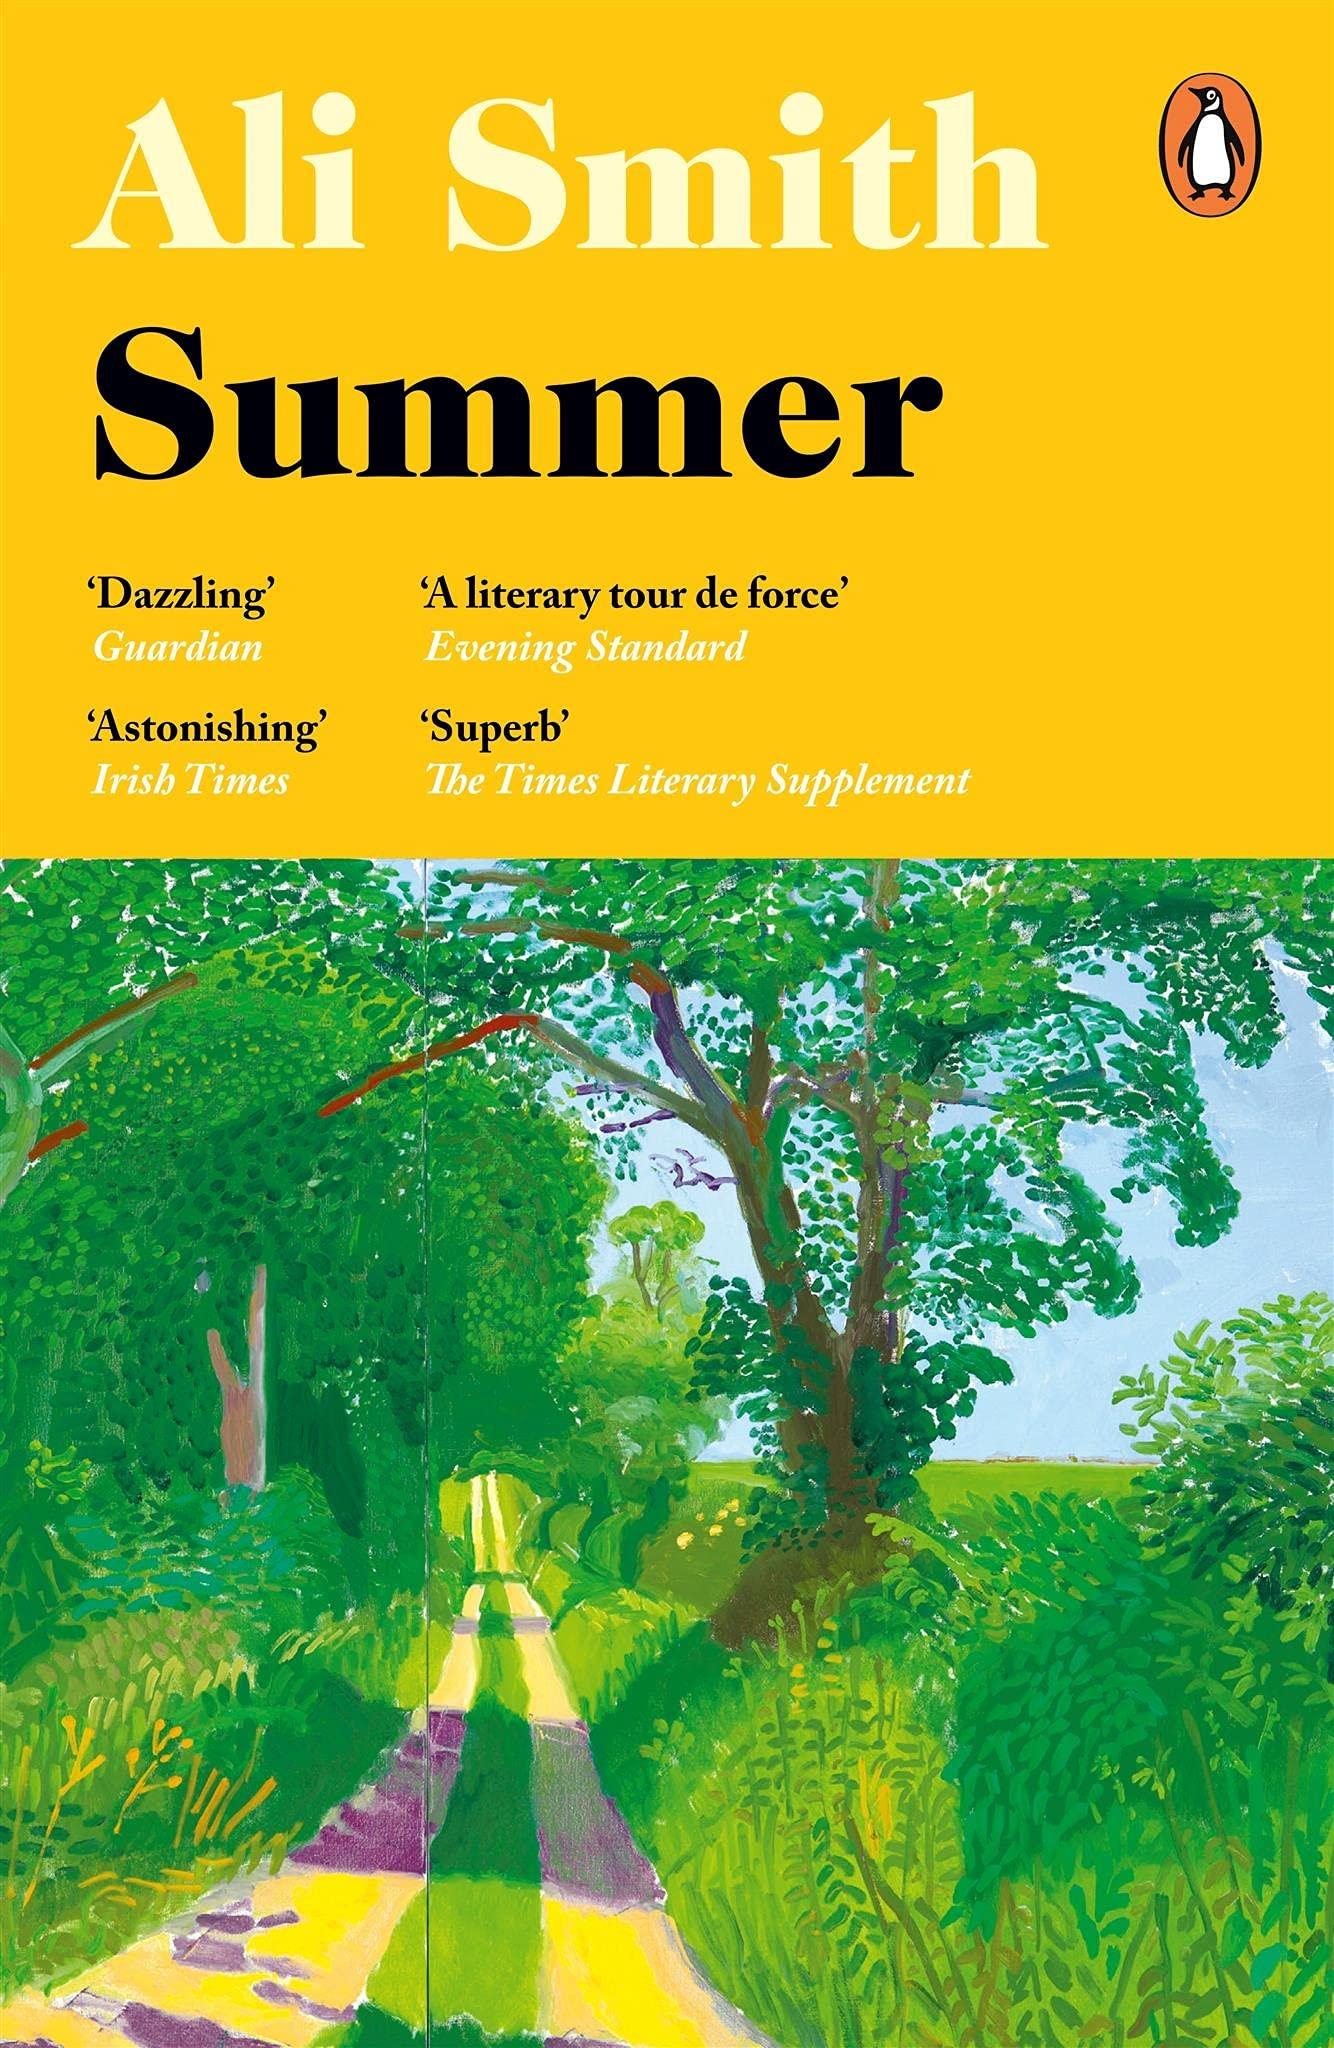 Cover: Ali Smith Summer